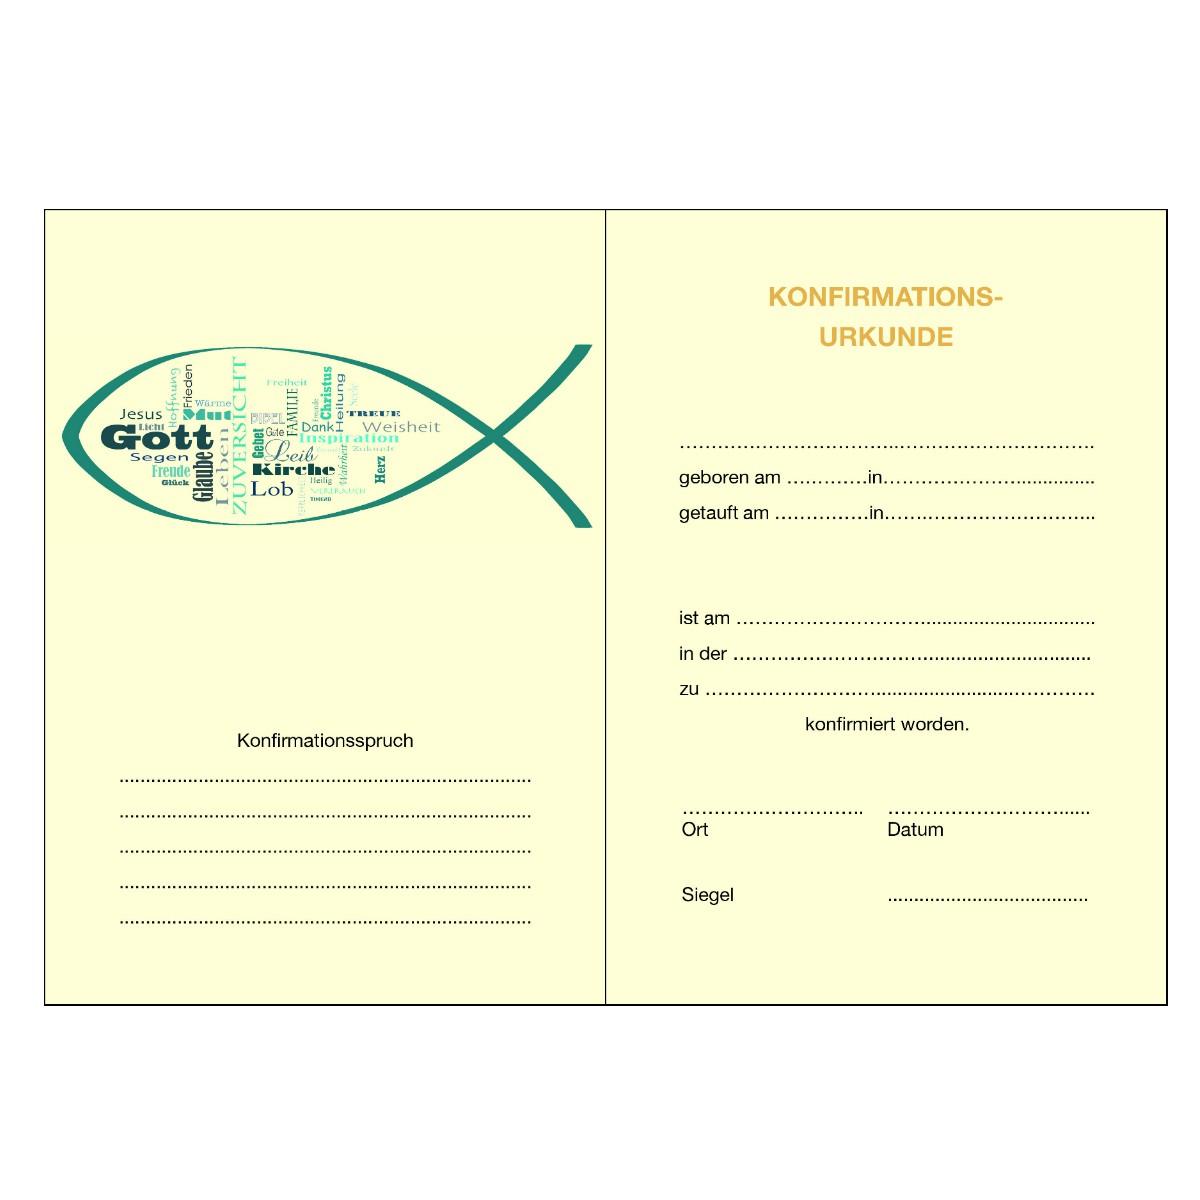 konfirmationsurkunde klappkarte a4a5 ichthys innen mit